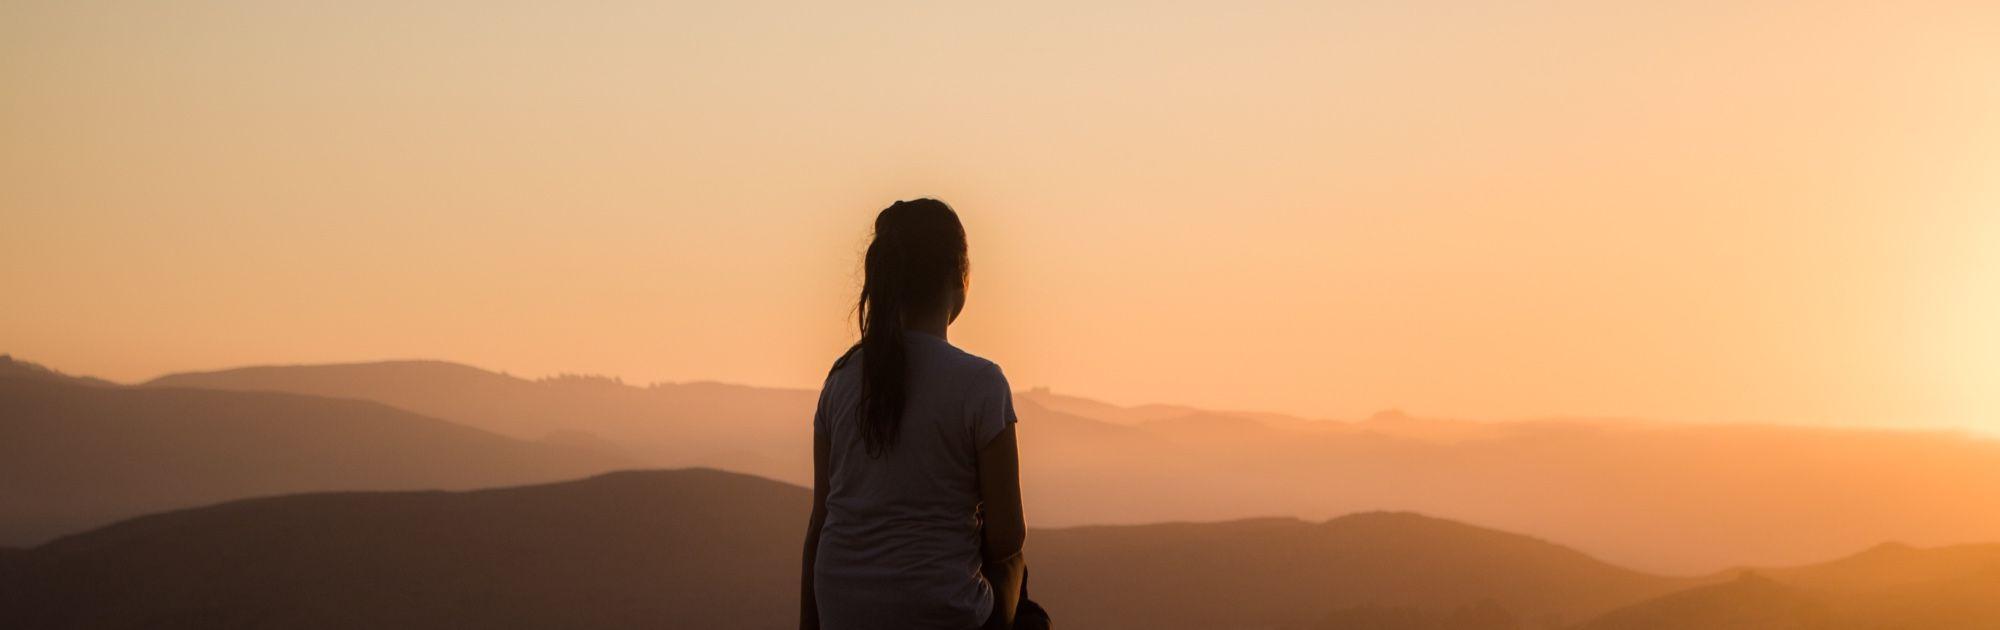 Mitos acerca de la meditación